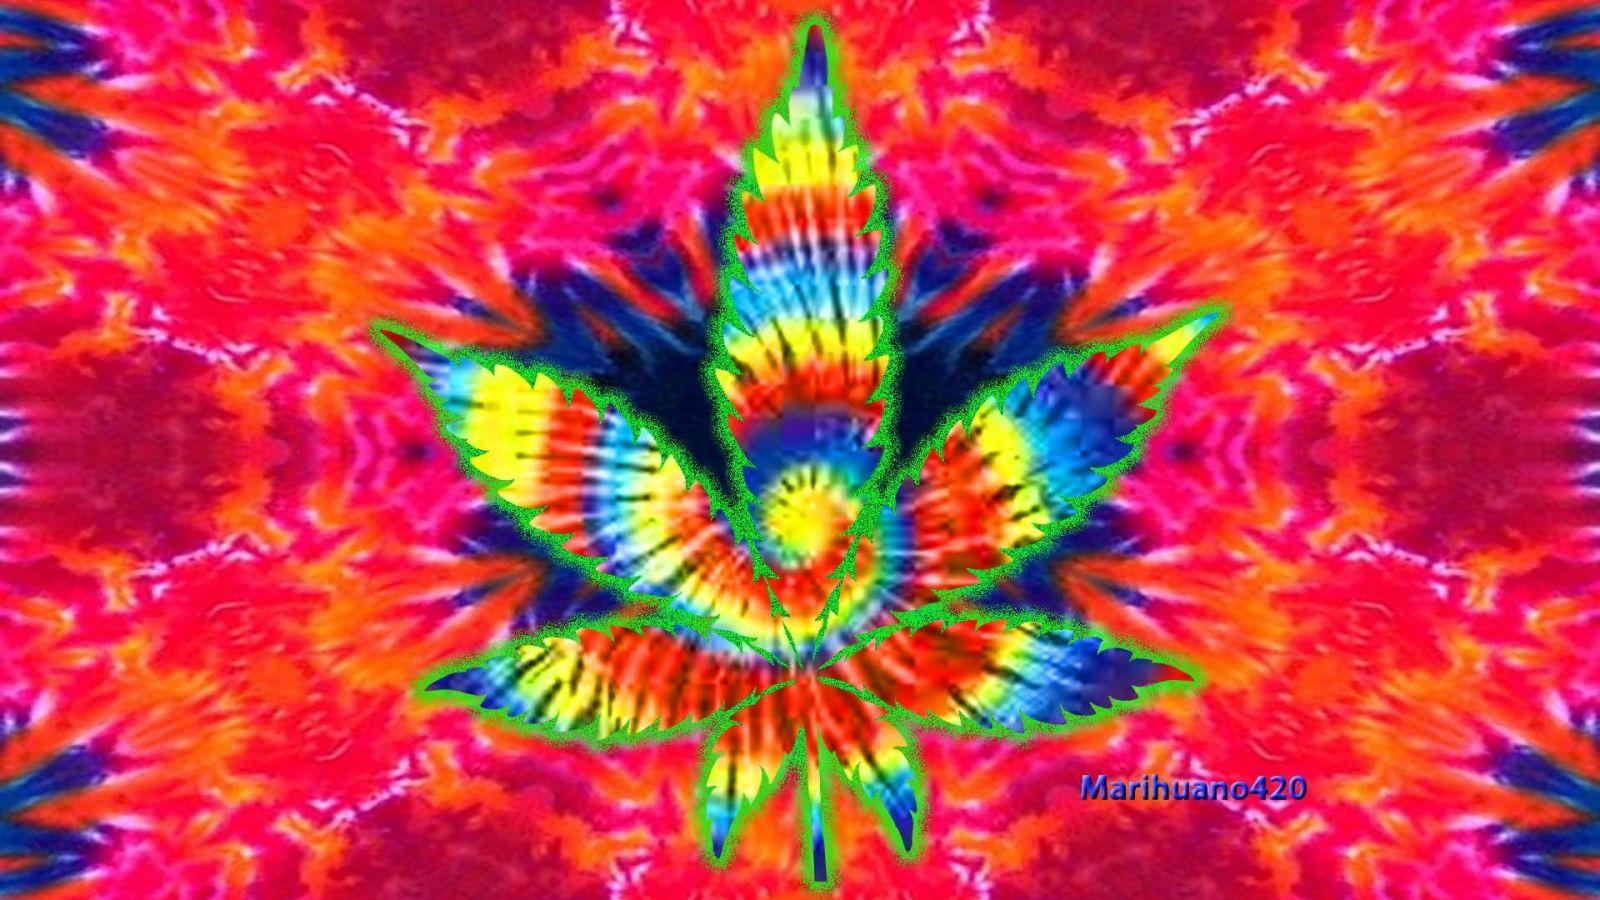 1920x1200px Smoking Weed Wallpaper - WallpaperSafari  Smoke Weed Tumblr Themes